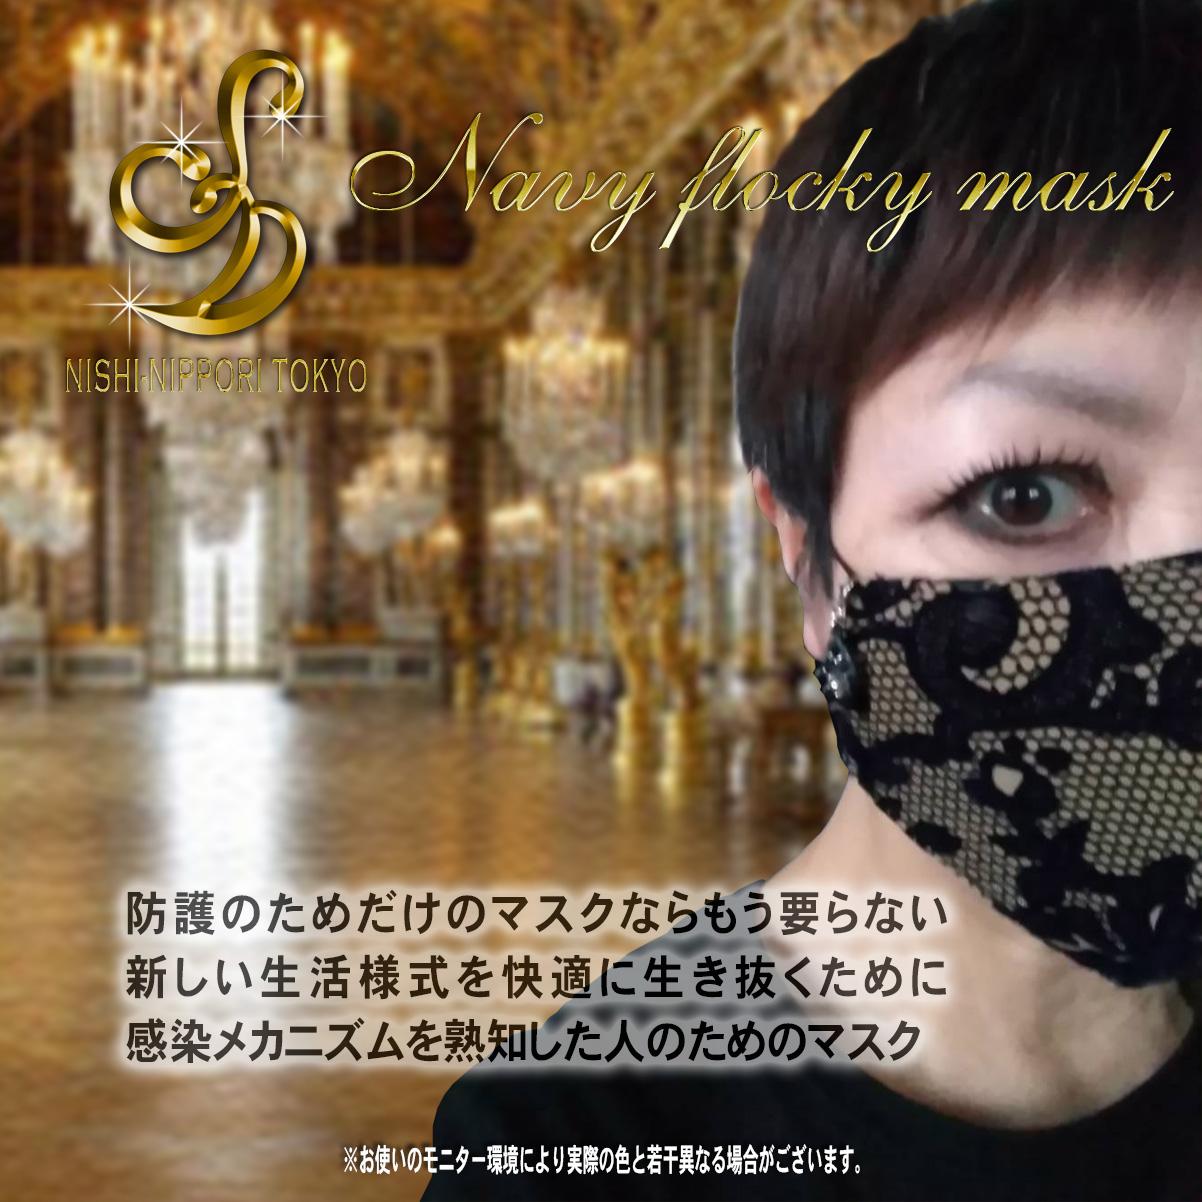 高級おしゃれマスク マスクアクセサリーチャーム クールビューティーマスク フロックオンメッシュマスク チャーム付マスク 洗えるマスク 三層構造マスク 不織布内蔵マスク アスリート用マスク